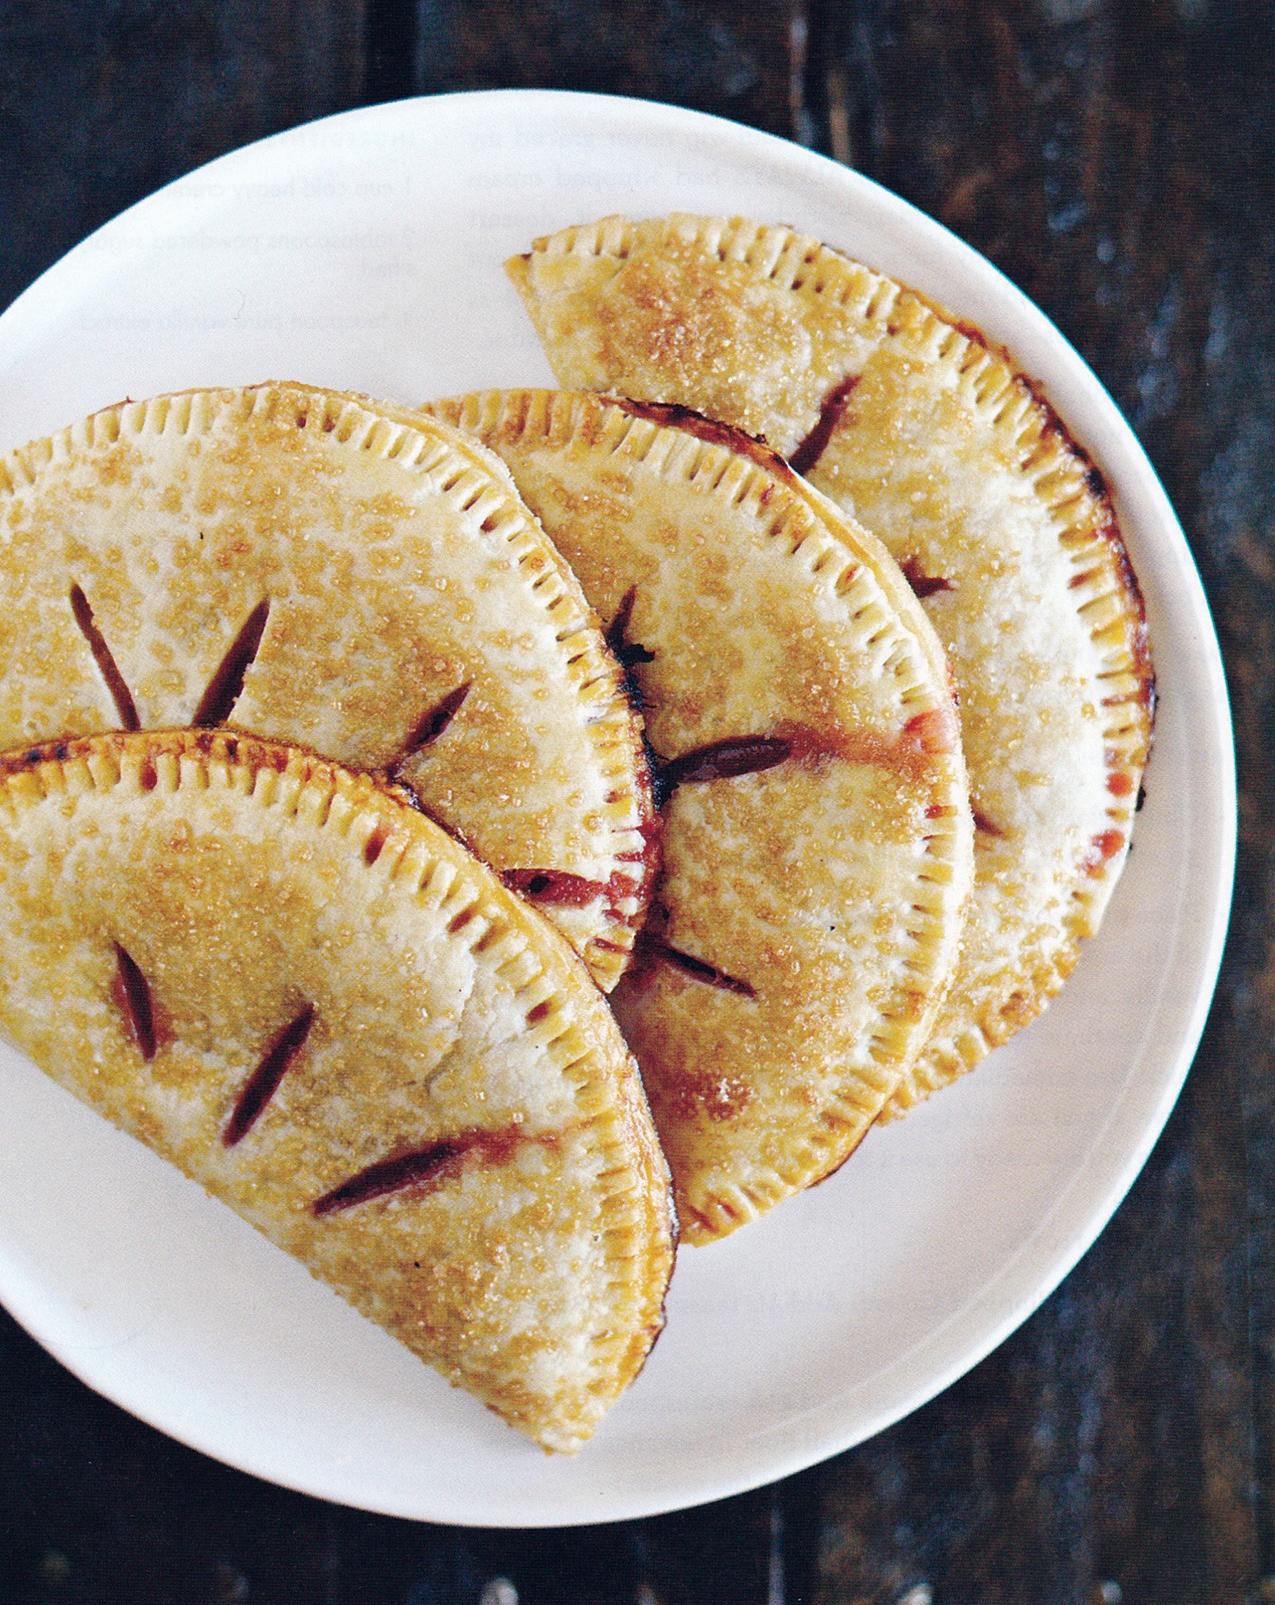 Rhubarb Hand Pies